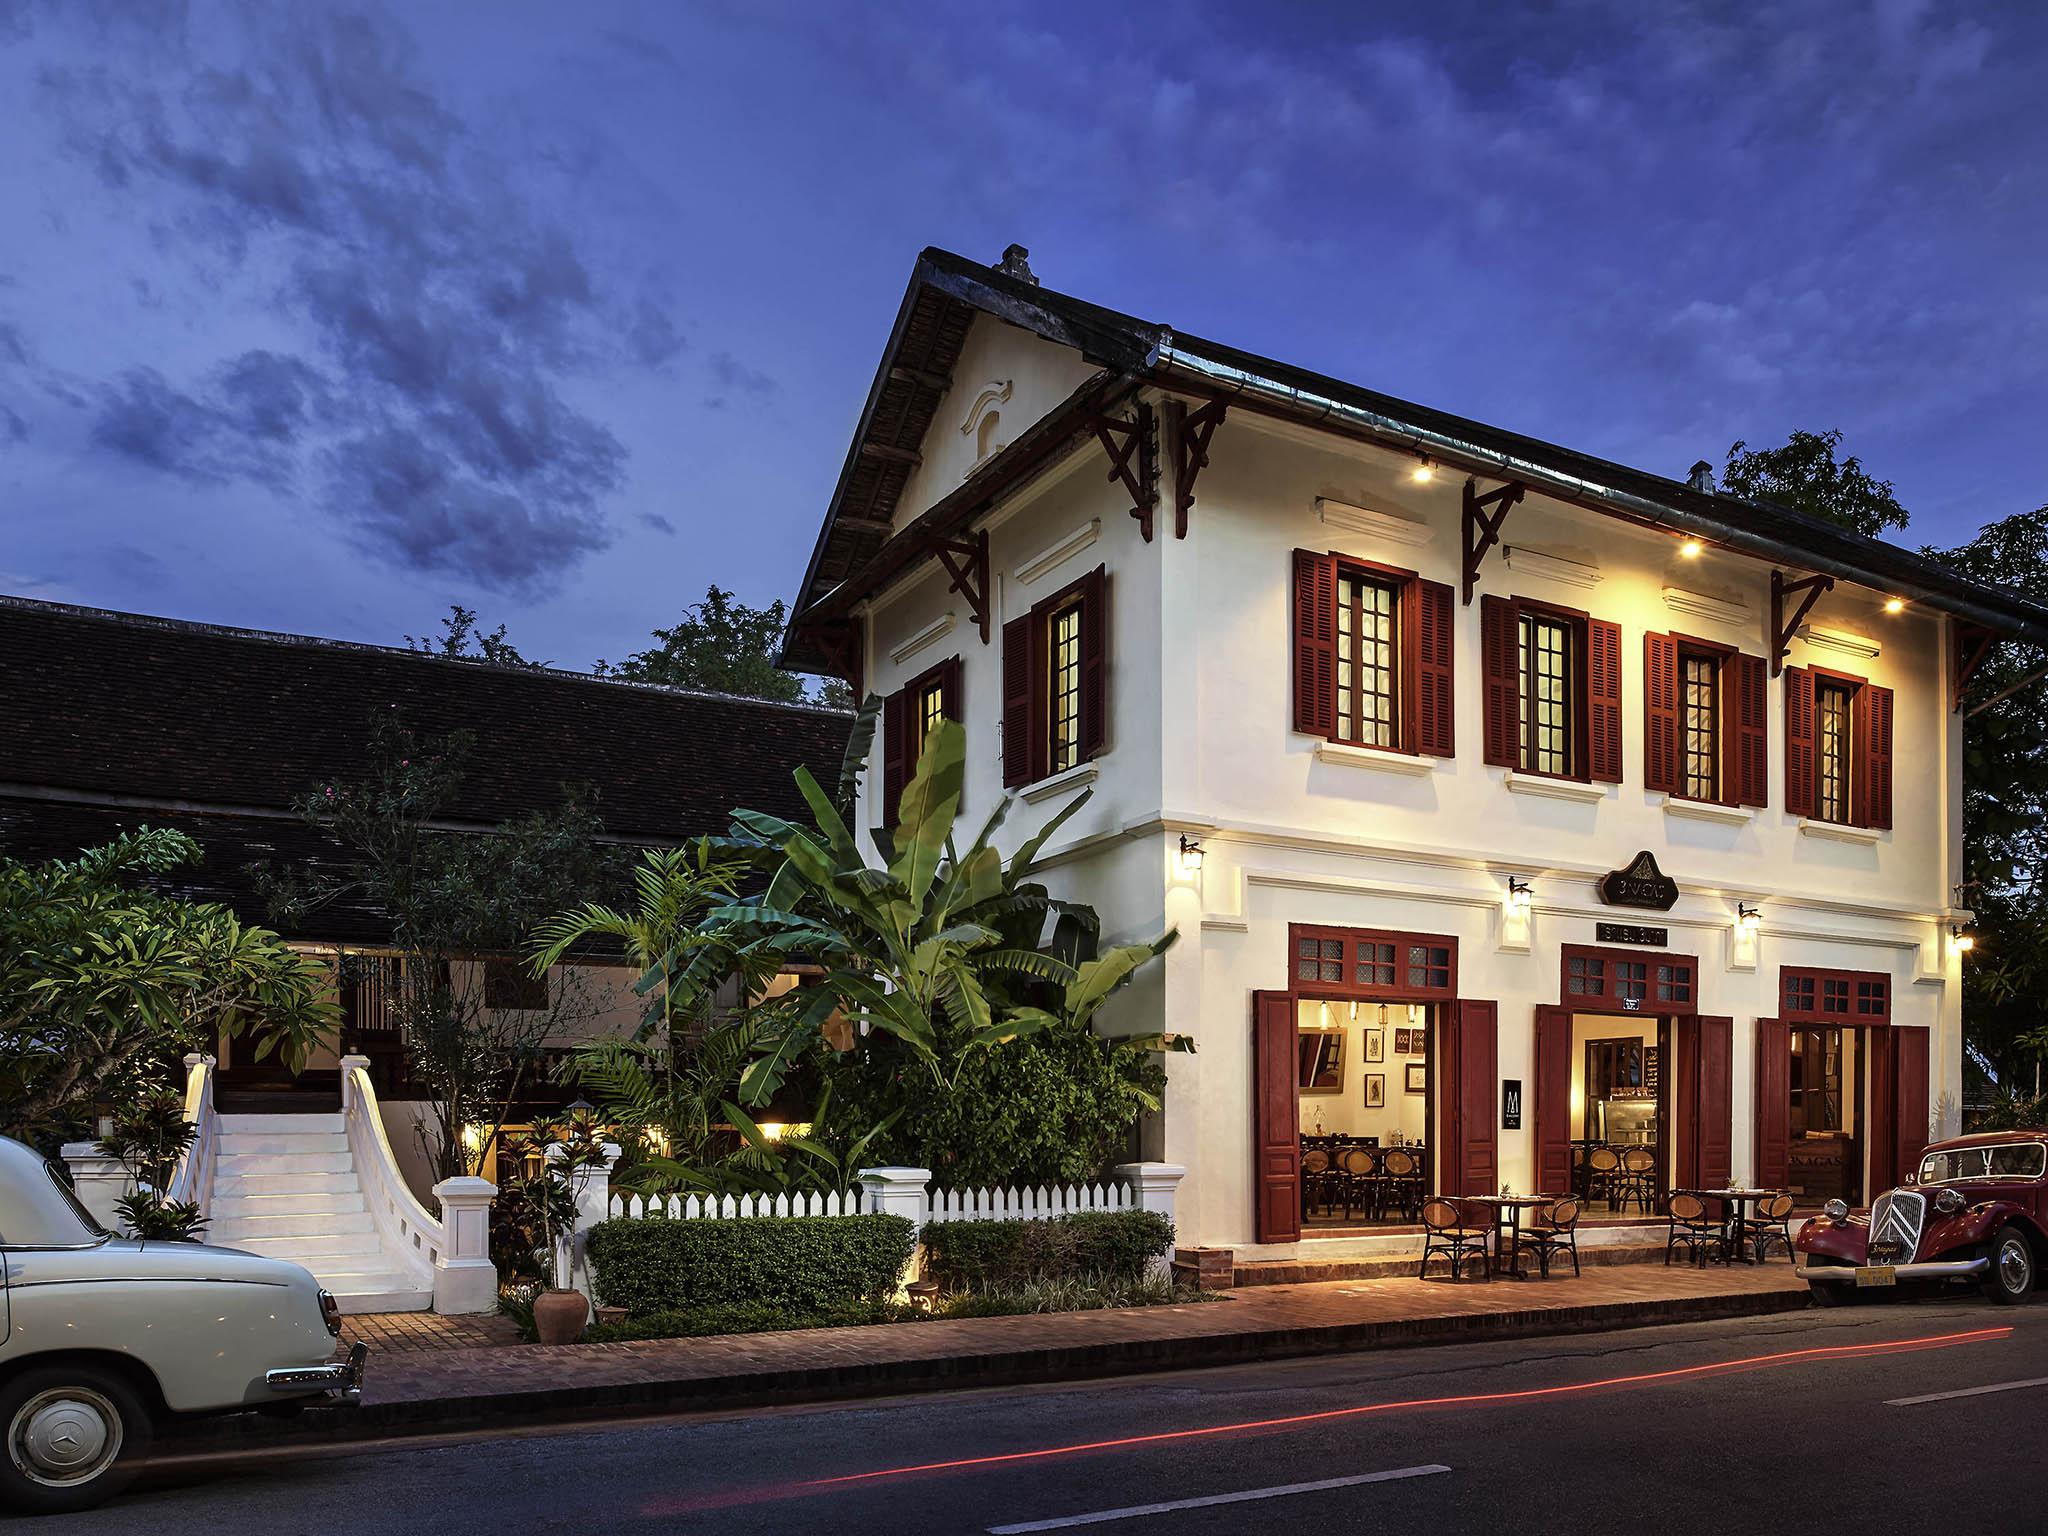 โรงแรม – ทรี นากาส์ หลวงพระบาง - เอ็มแกลเลอรี บาย โซฟิเทล